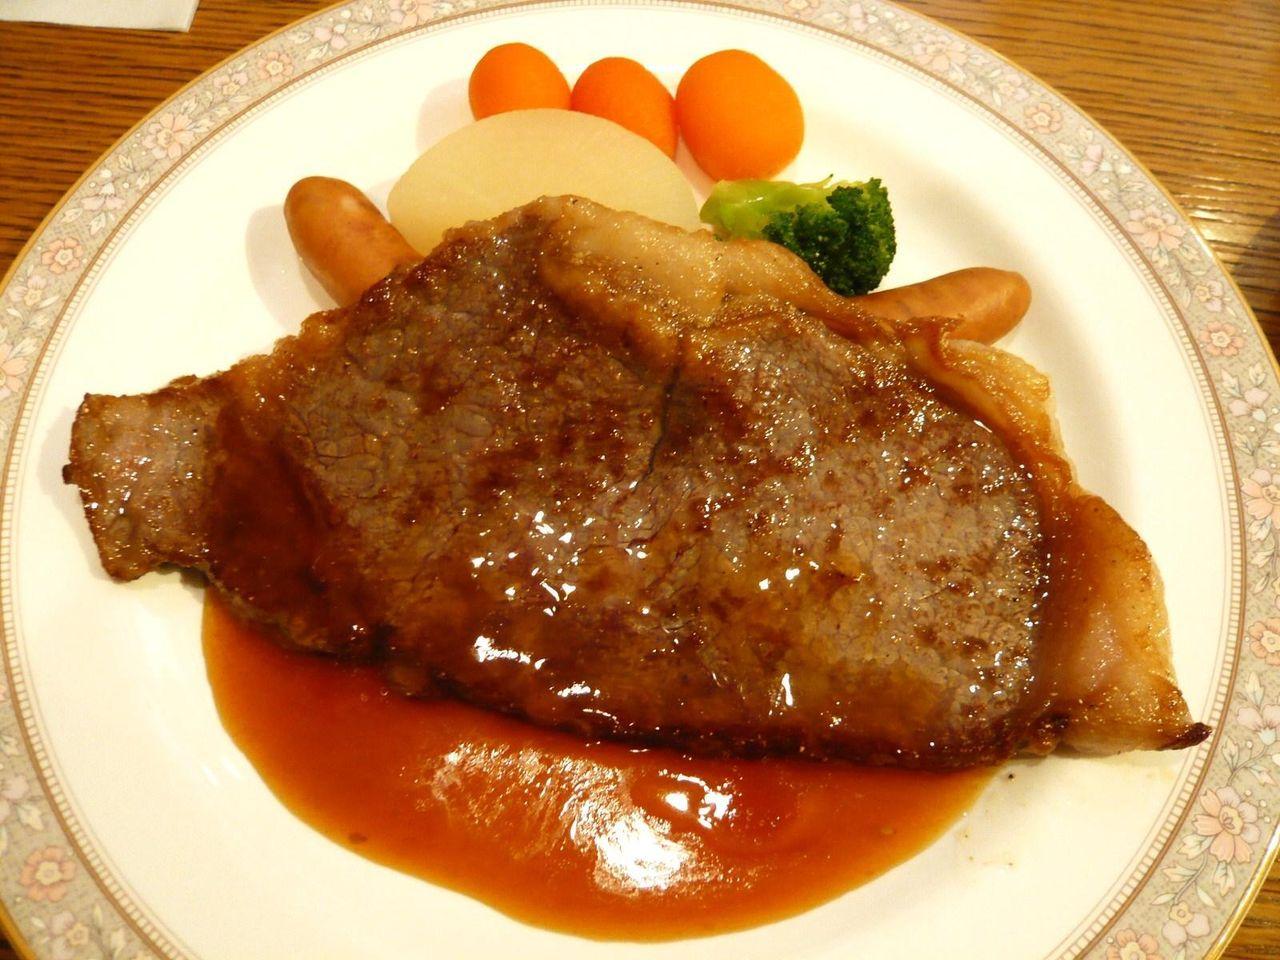 限定10食の和牛サーロインステーキ180グラム1,580円